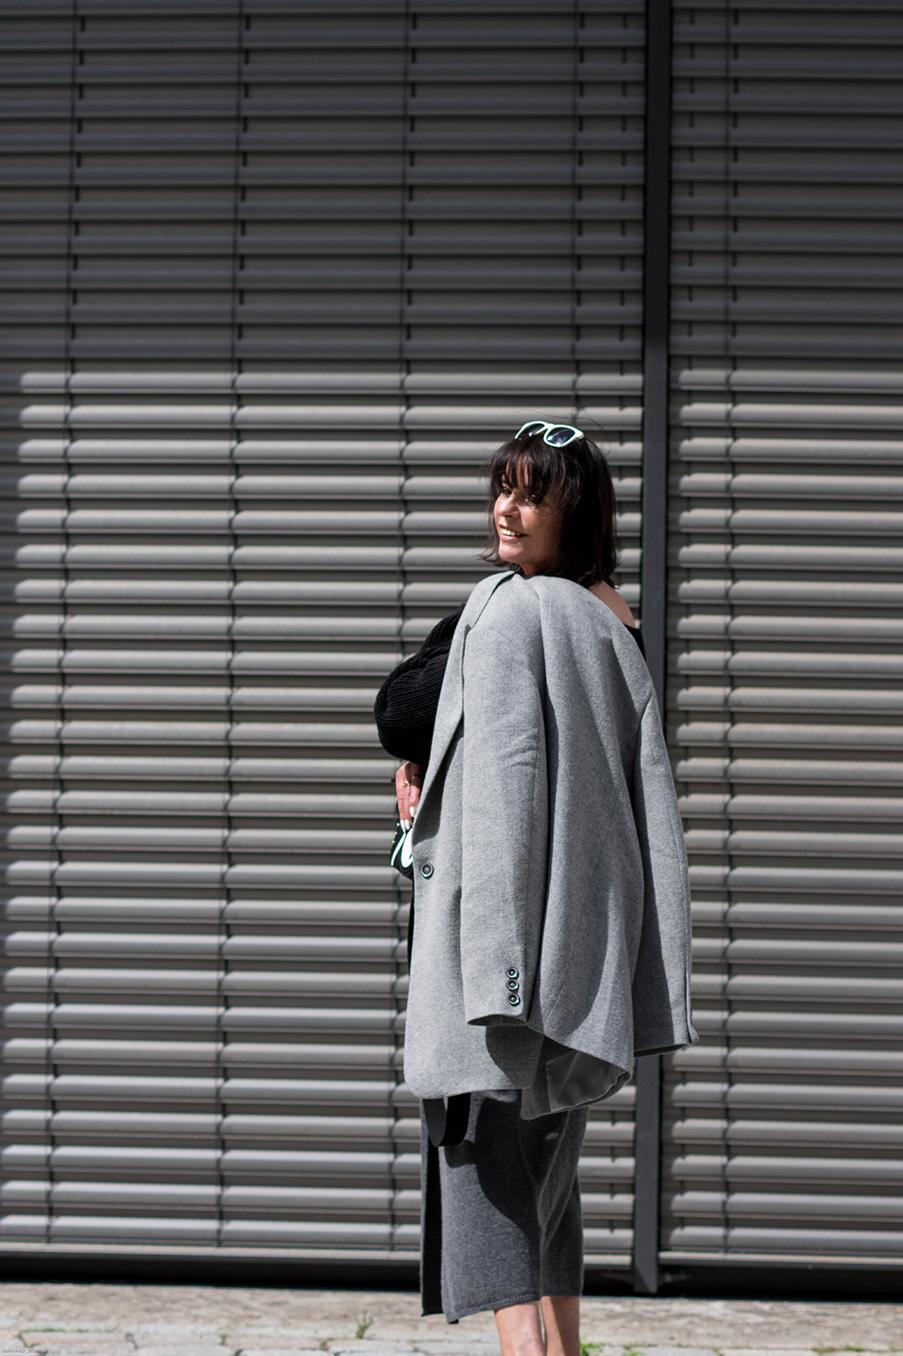 Just-take-a-look Berlin - Konsum - Veränderung - Outfit Grauer Rock und Maske-21.1